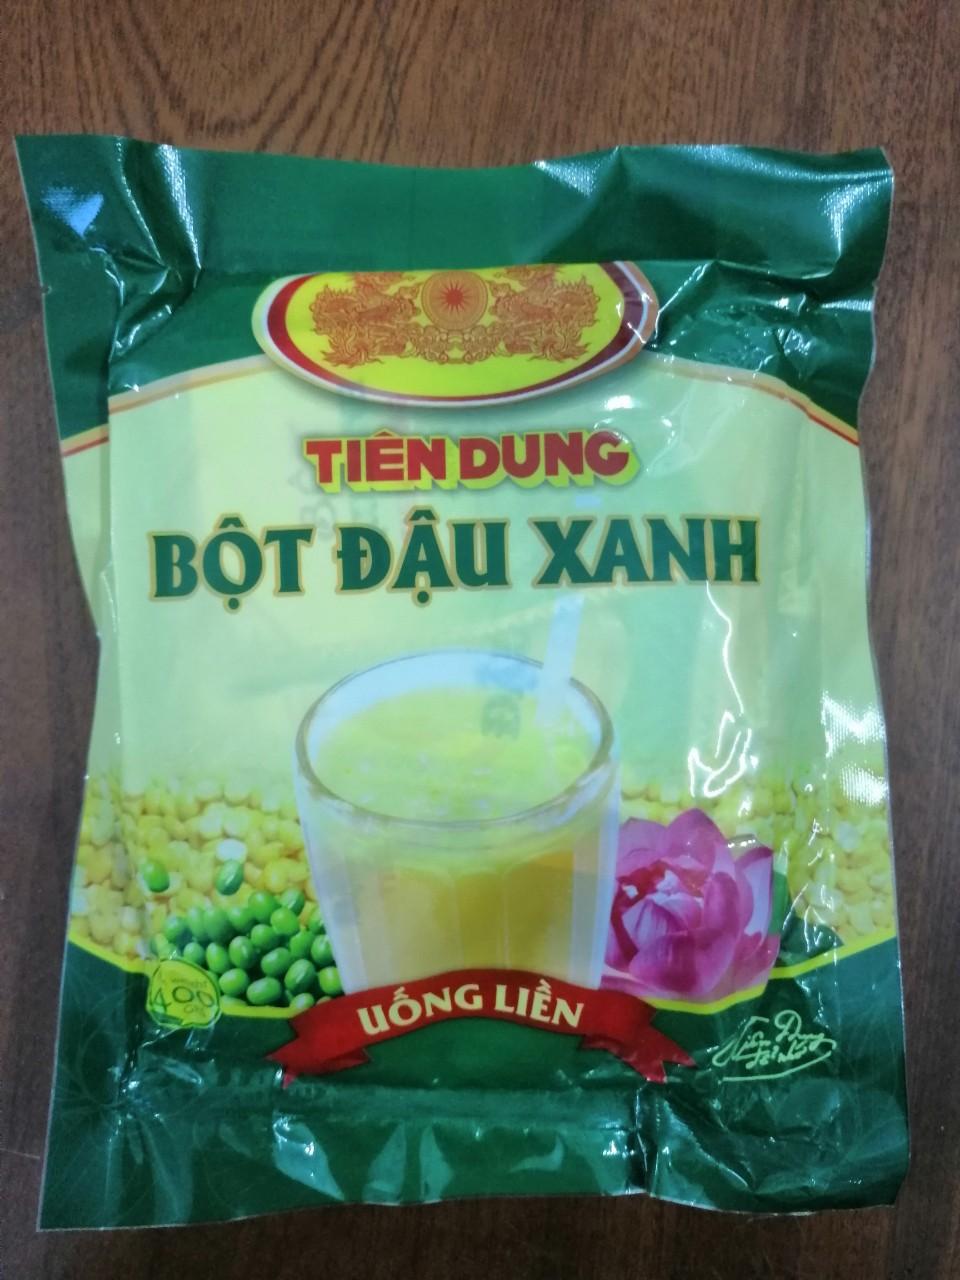 Bột đậu xanh uống liền Tiên Dung 400g Date 7/2021